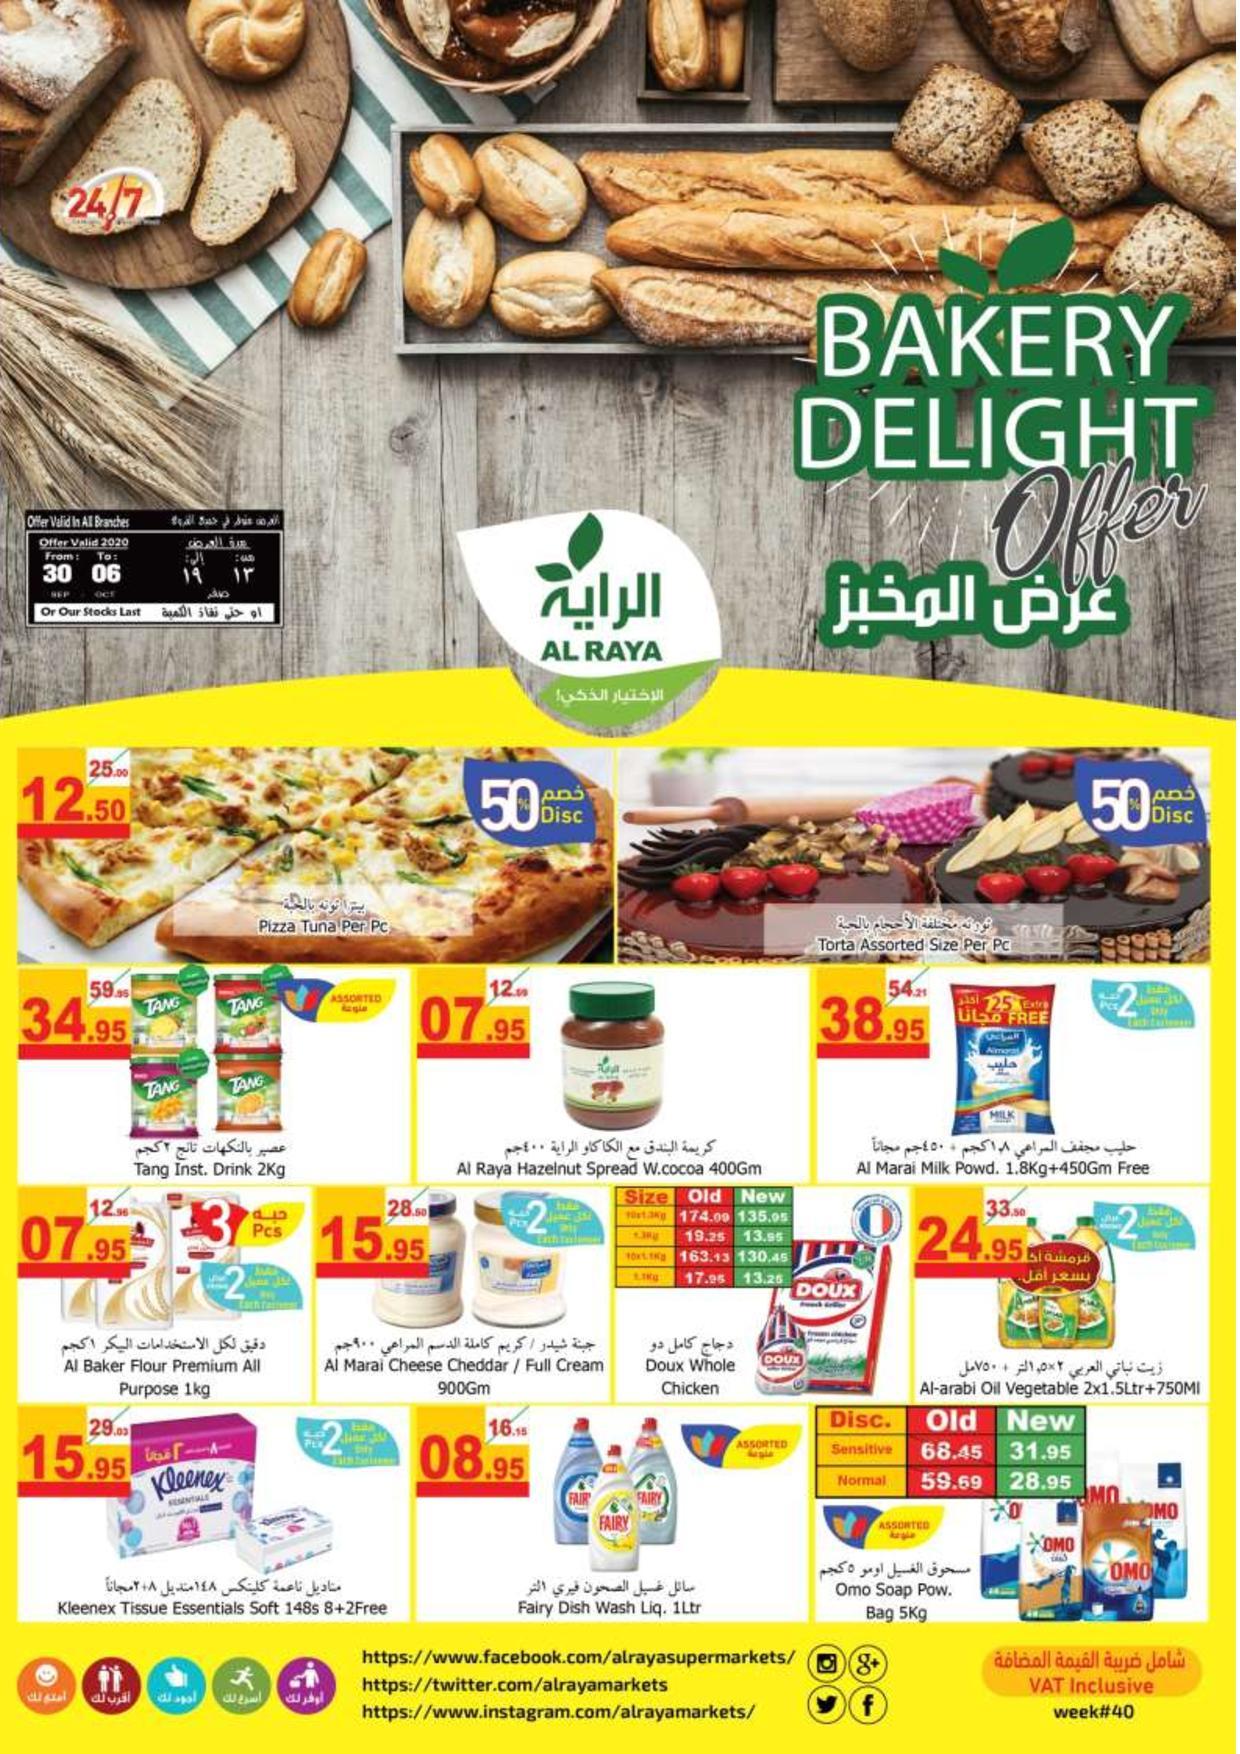 عروض الراية السعودية اليوم 30 سبتمبر حتى 6 اكتوبر 2020 عرض المخبز